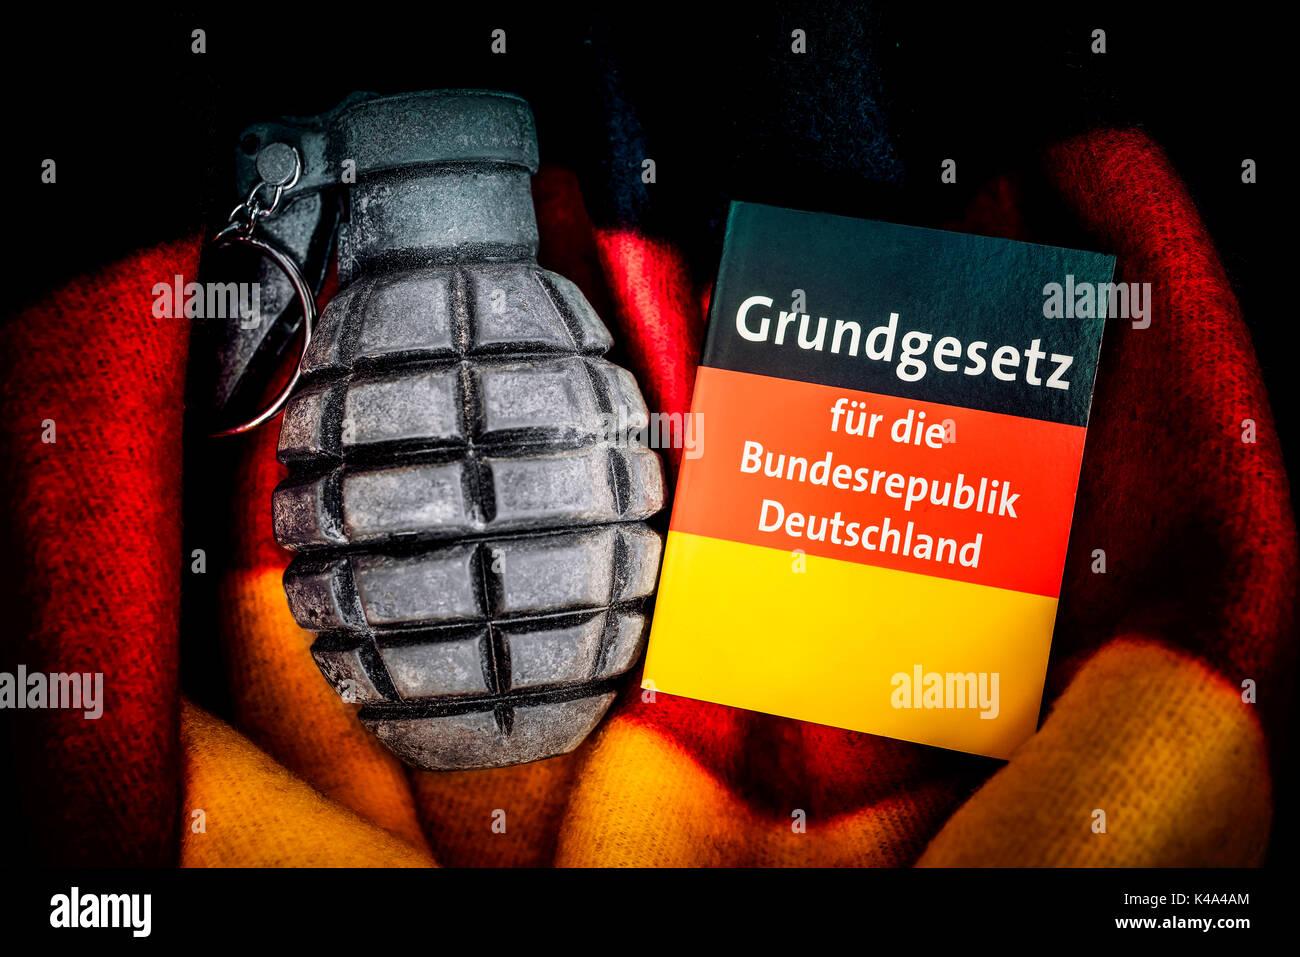 Grundgesetz für die Bundesrepublik Deutschland und Handgranaten, Extremismus Bedrohung Stockbild